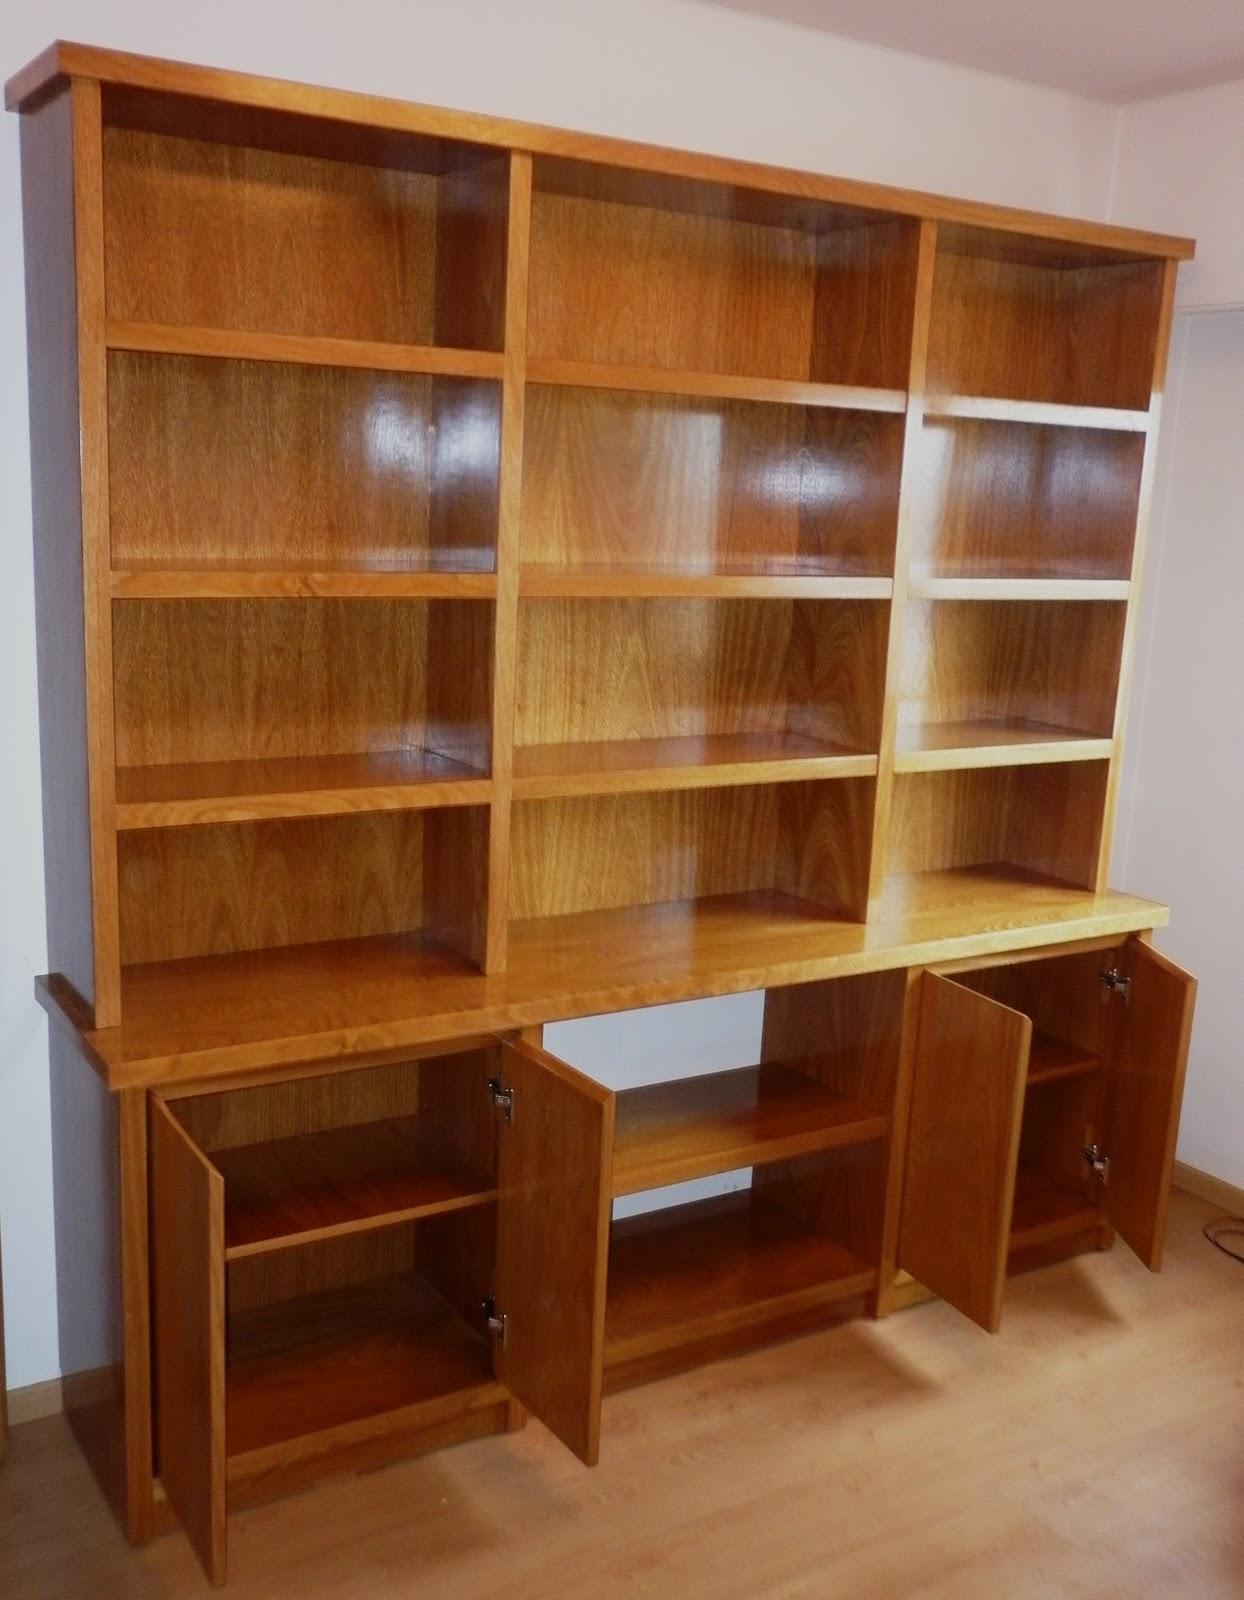 Reynaga muebles biblioteca en roble de 2 m de ancho con for Bibliotecas muebles